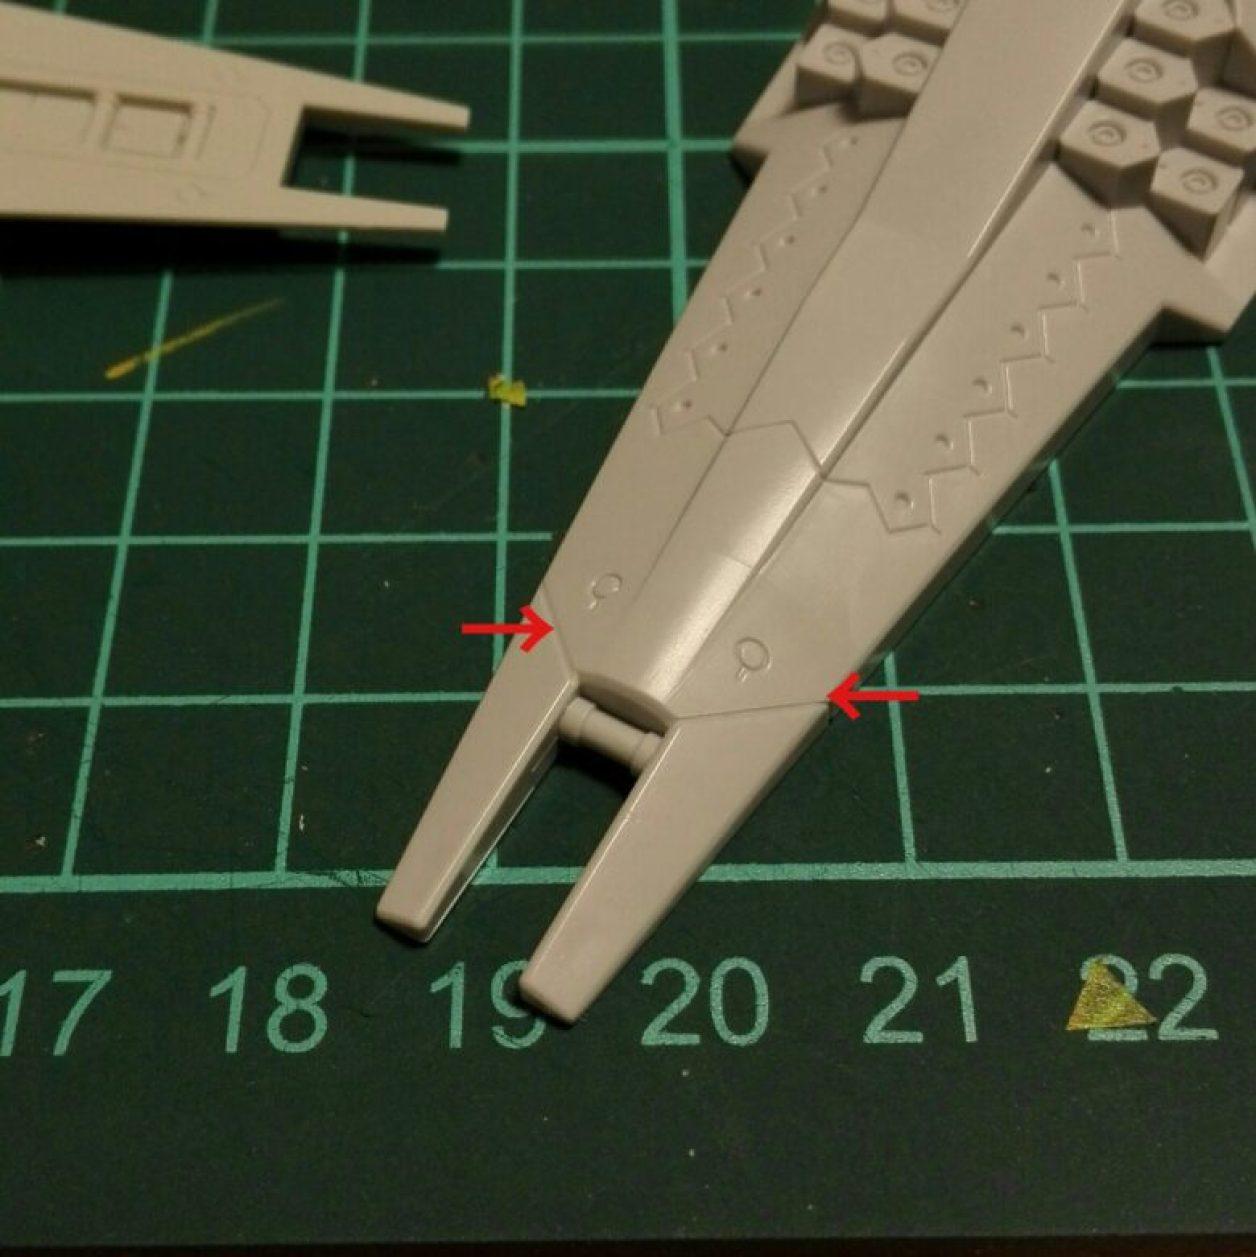 1/144スケールのガンプラのプリムローズの拡張パーツであるアドバンスド・ヘイズルの強化型シールド・ブースターのディテールアップと制作画像